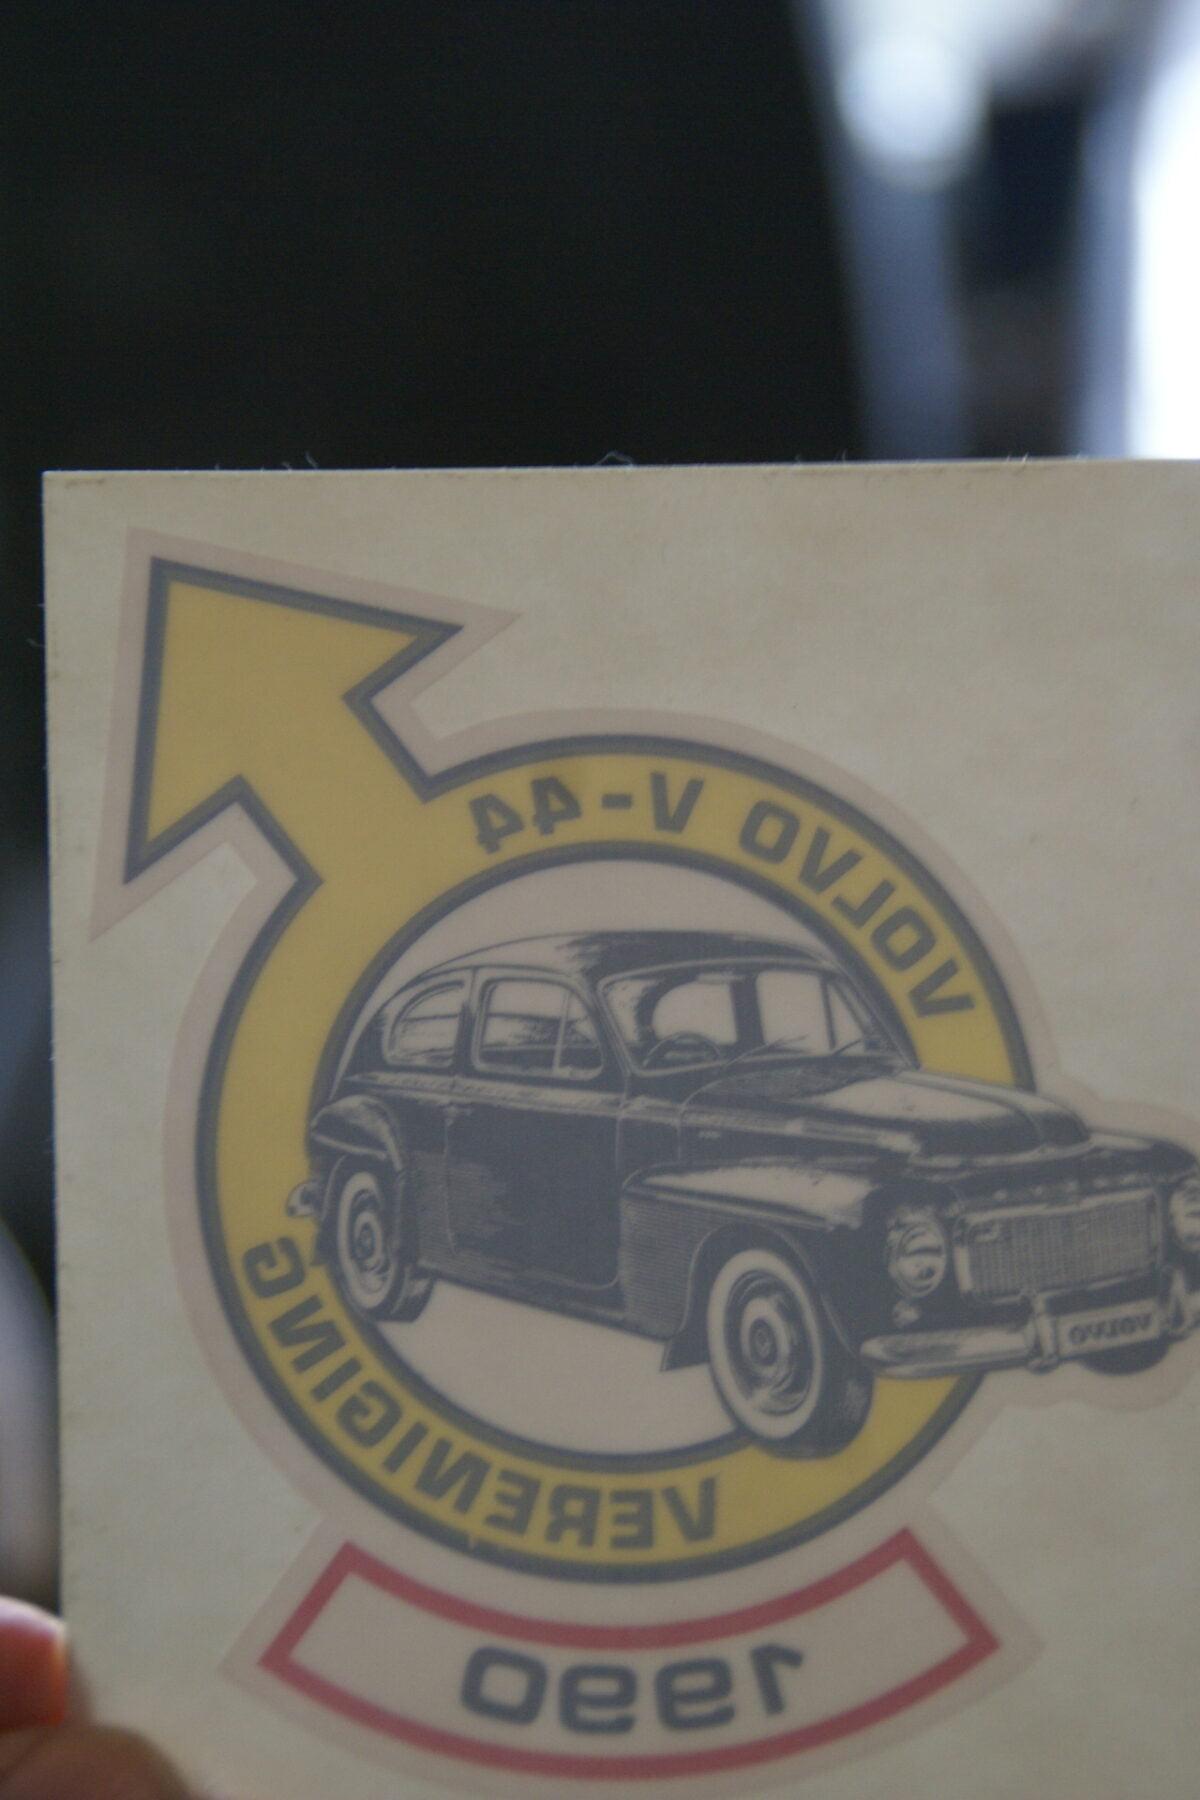 DSC02526 1990 sticker Volvo V44 Vereniging NOS-99b38acf